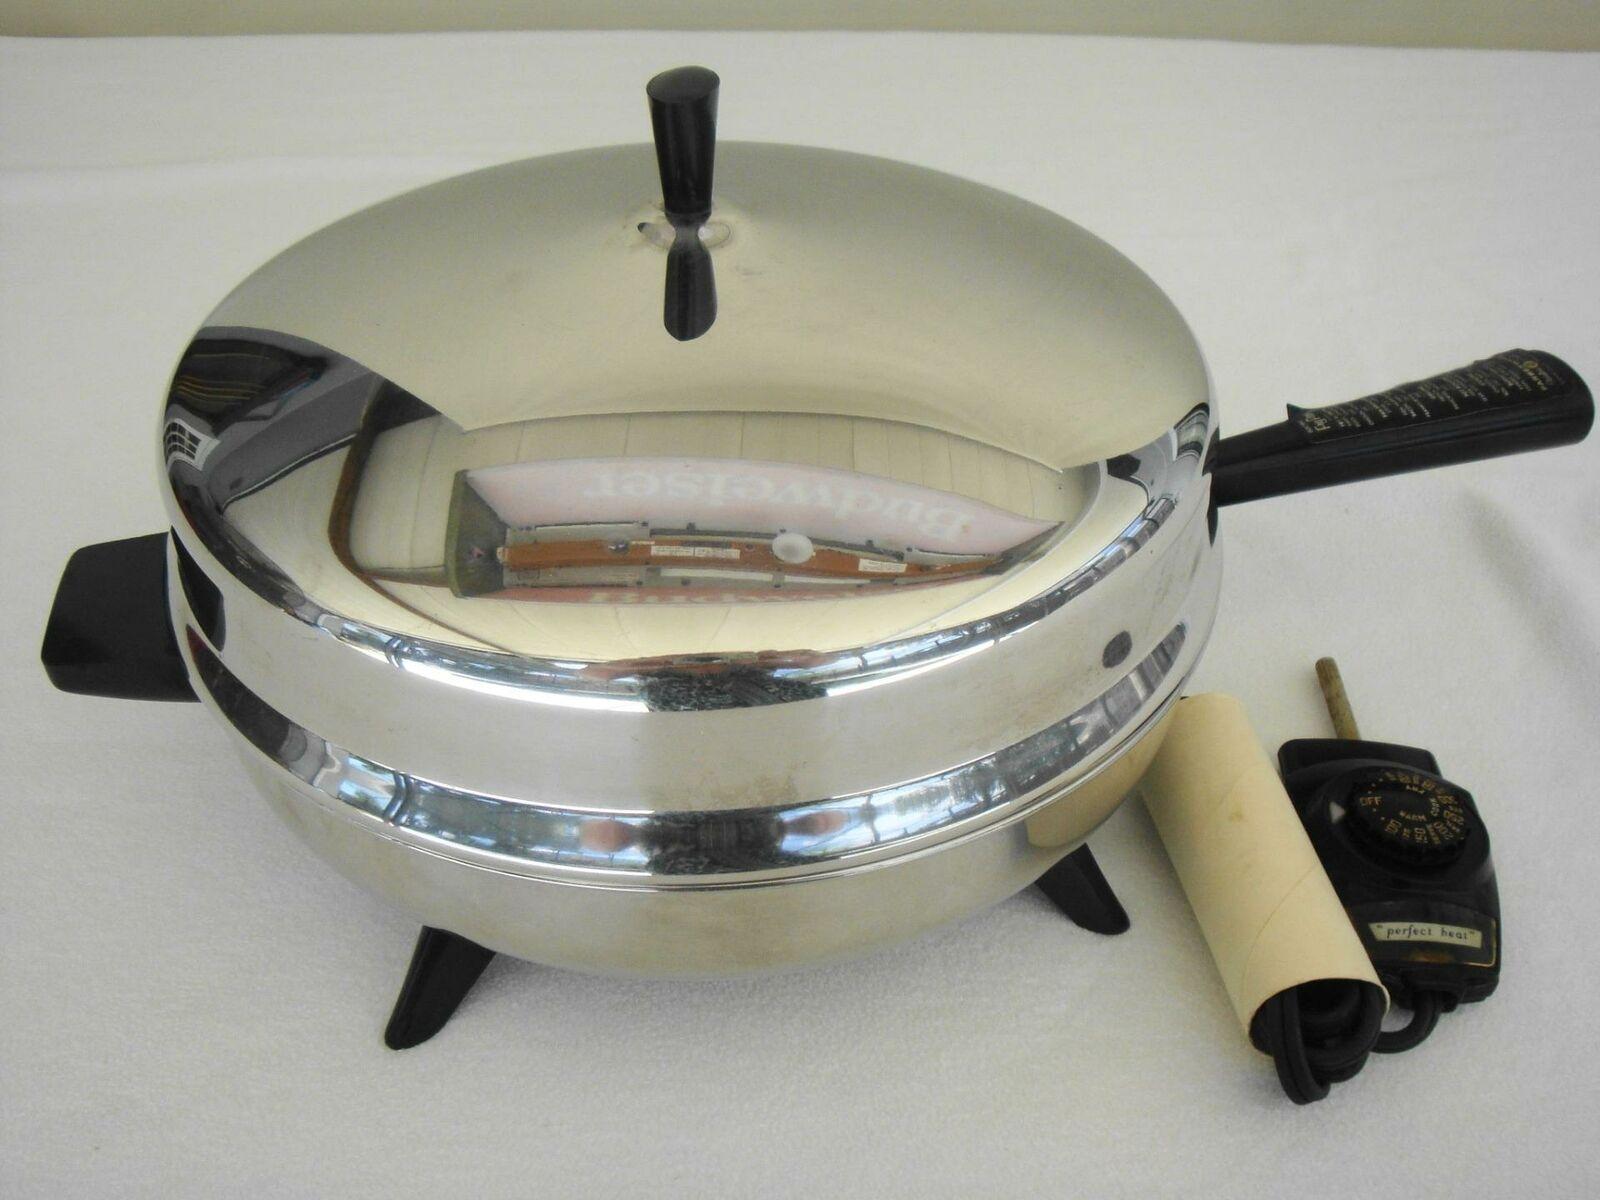 Vintage Couleurrware 12  électrique en acier inoxydable Fry Poêle Poêle - 310-A